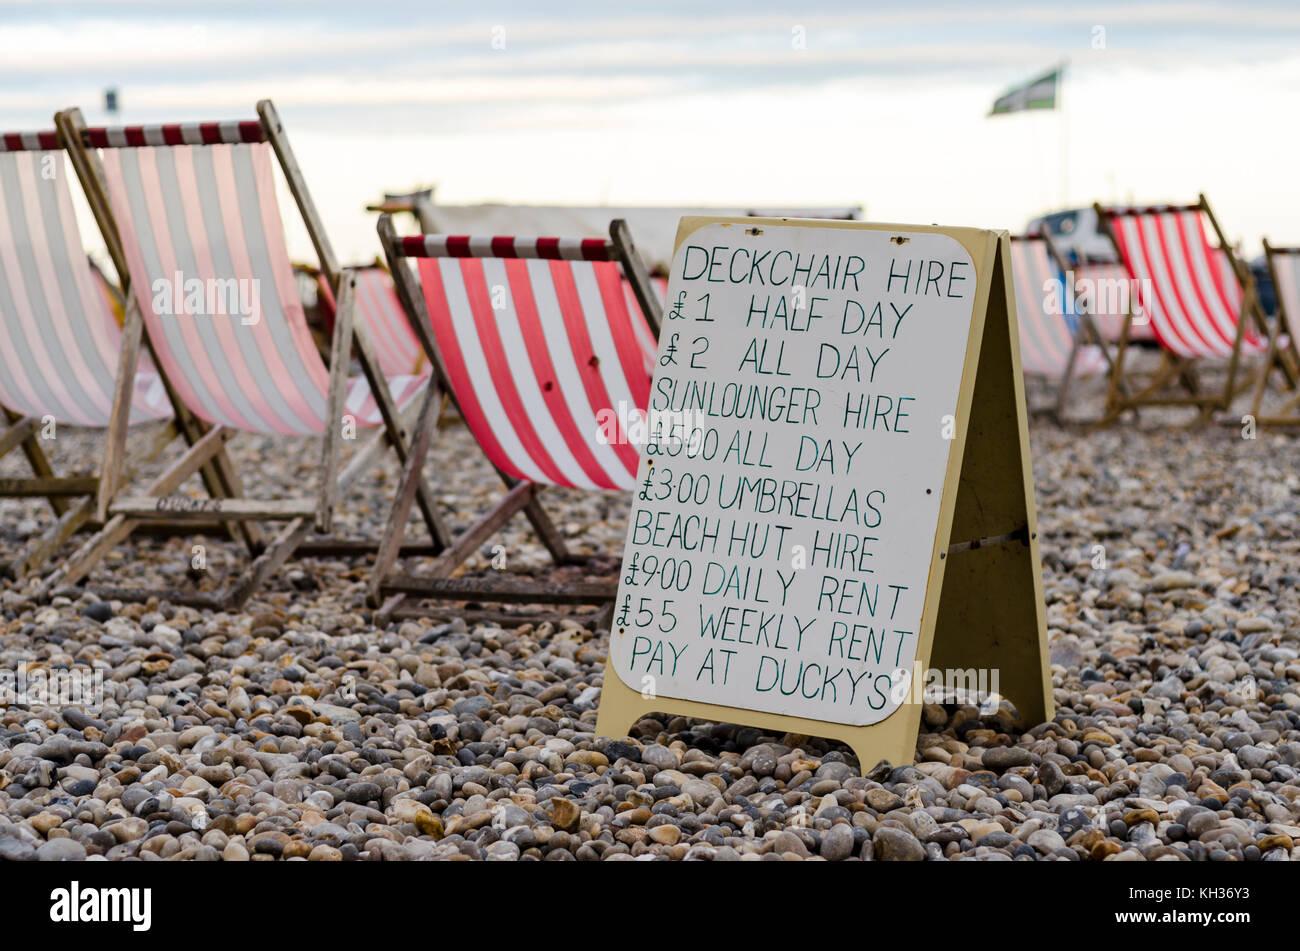 Deckchair hire sign on Beer beach in Devon, UK Stock Photo